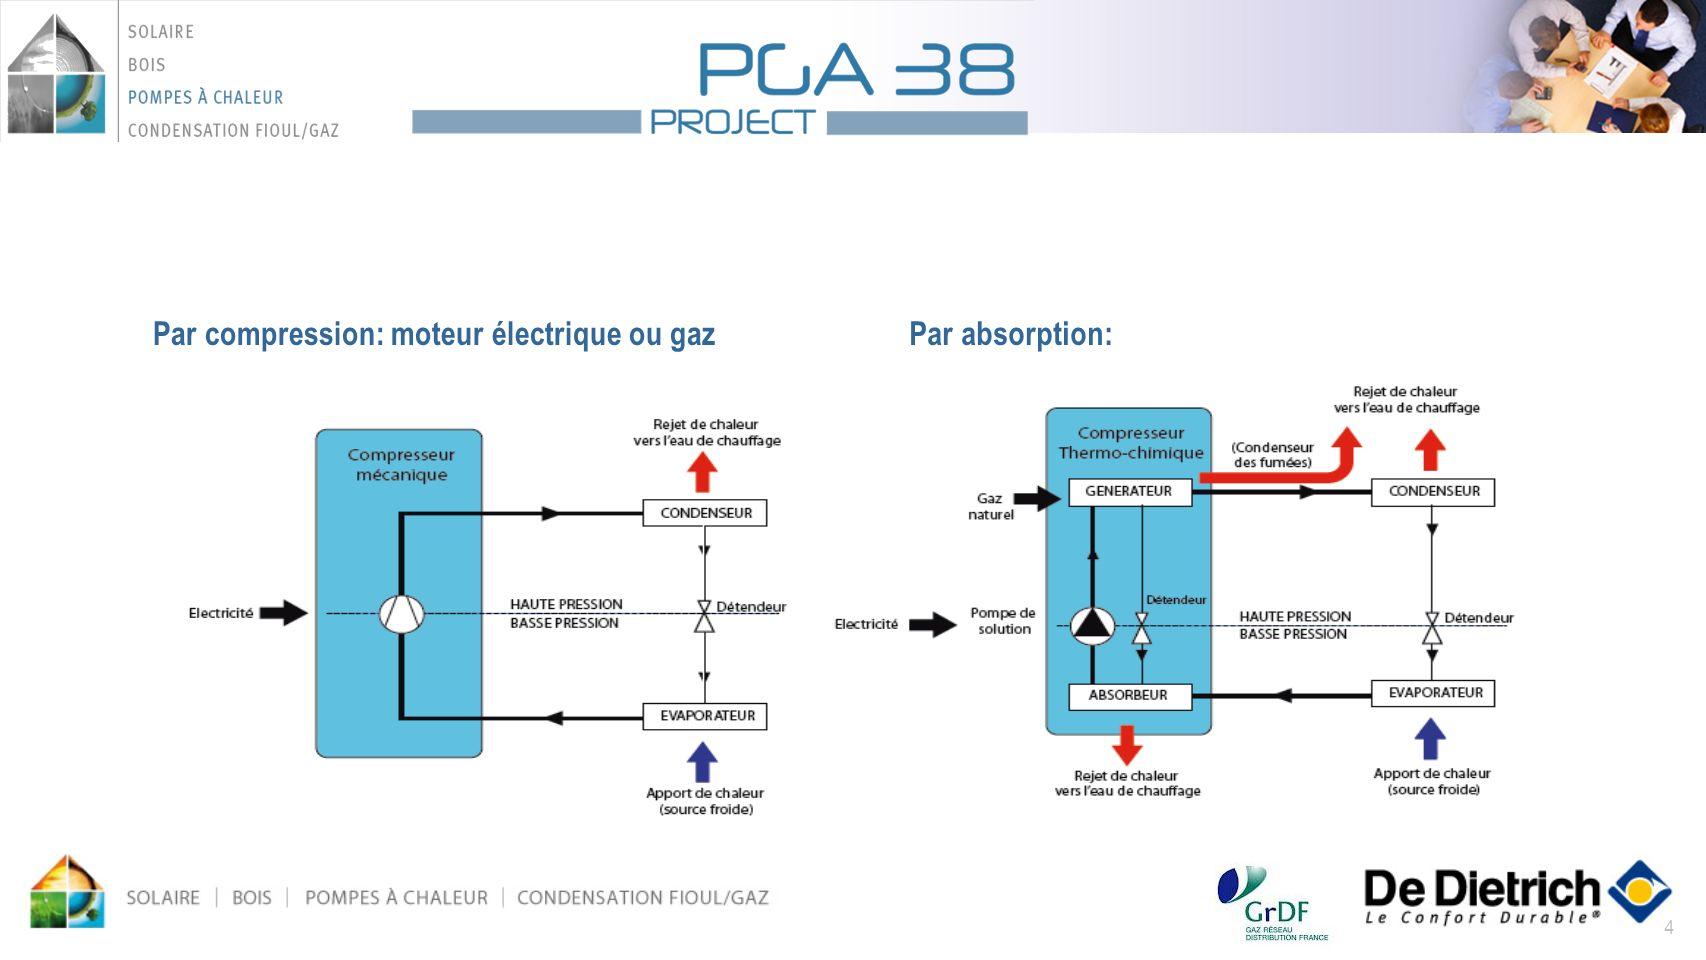 Par compression: moteur électrique ou gaz